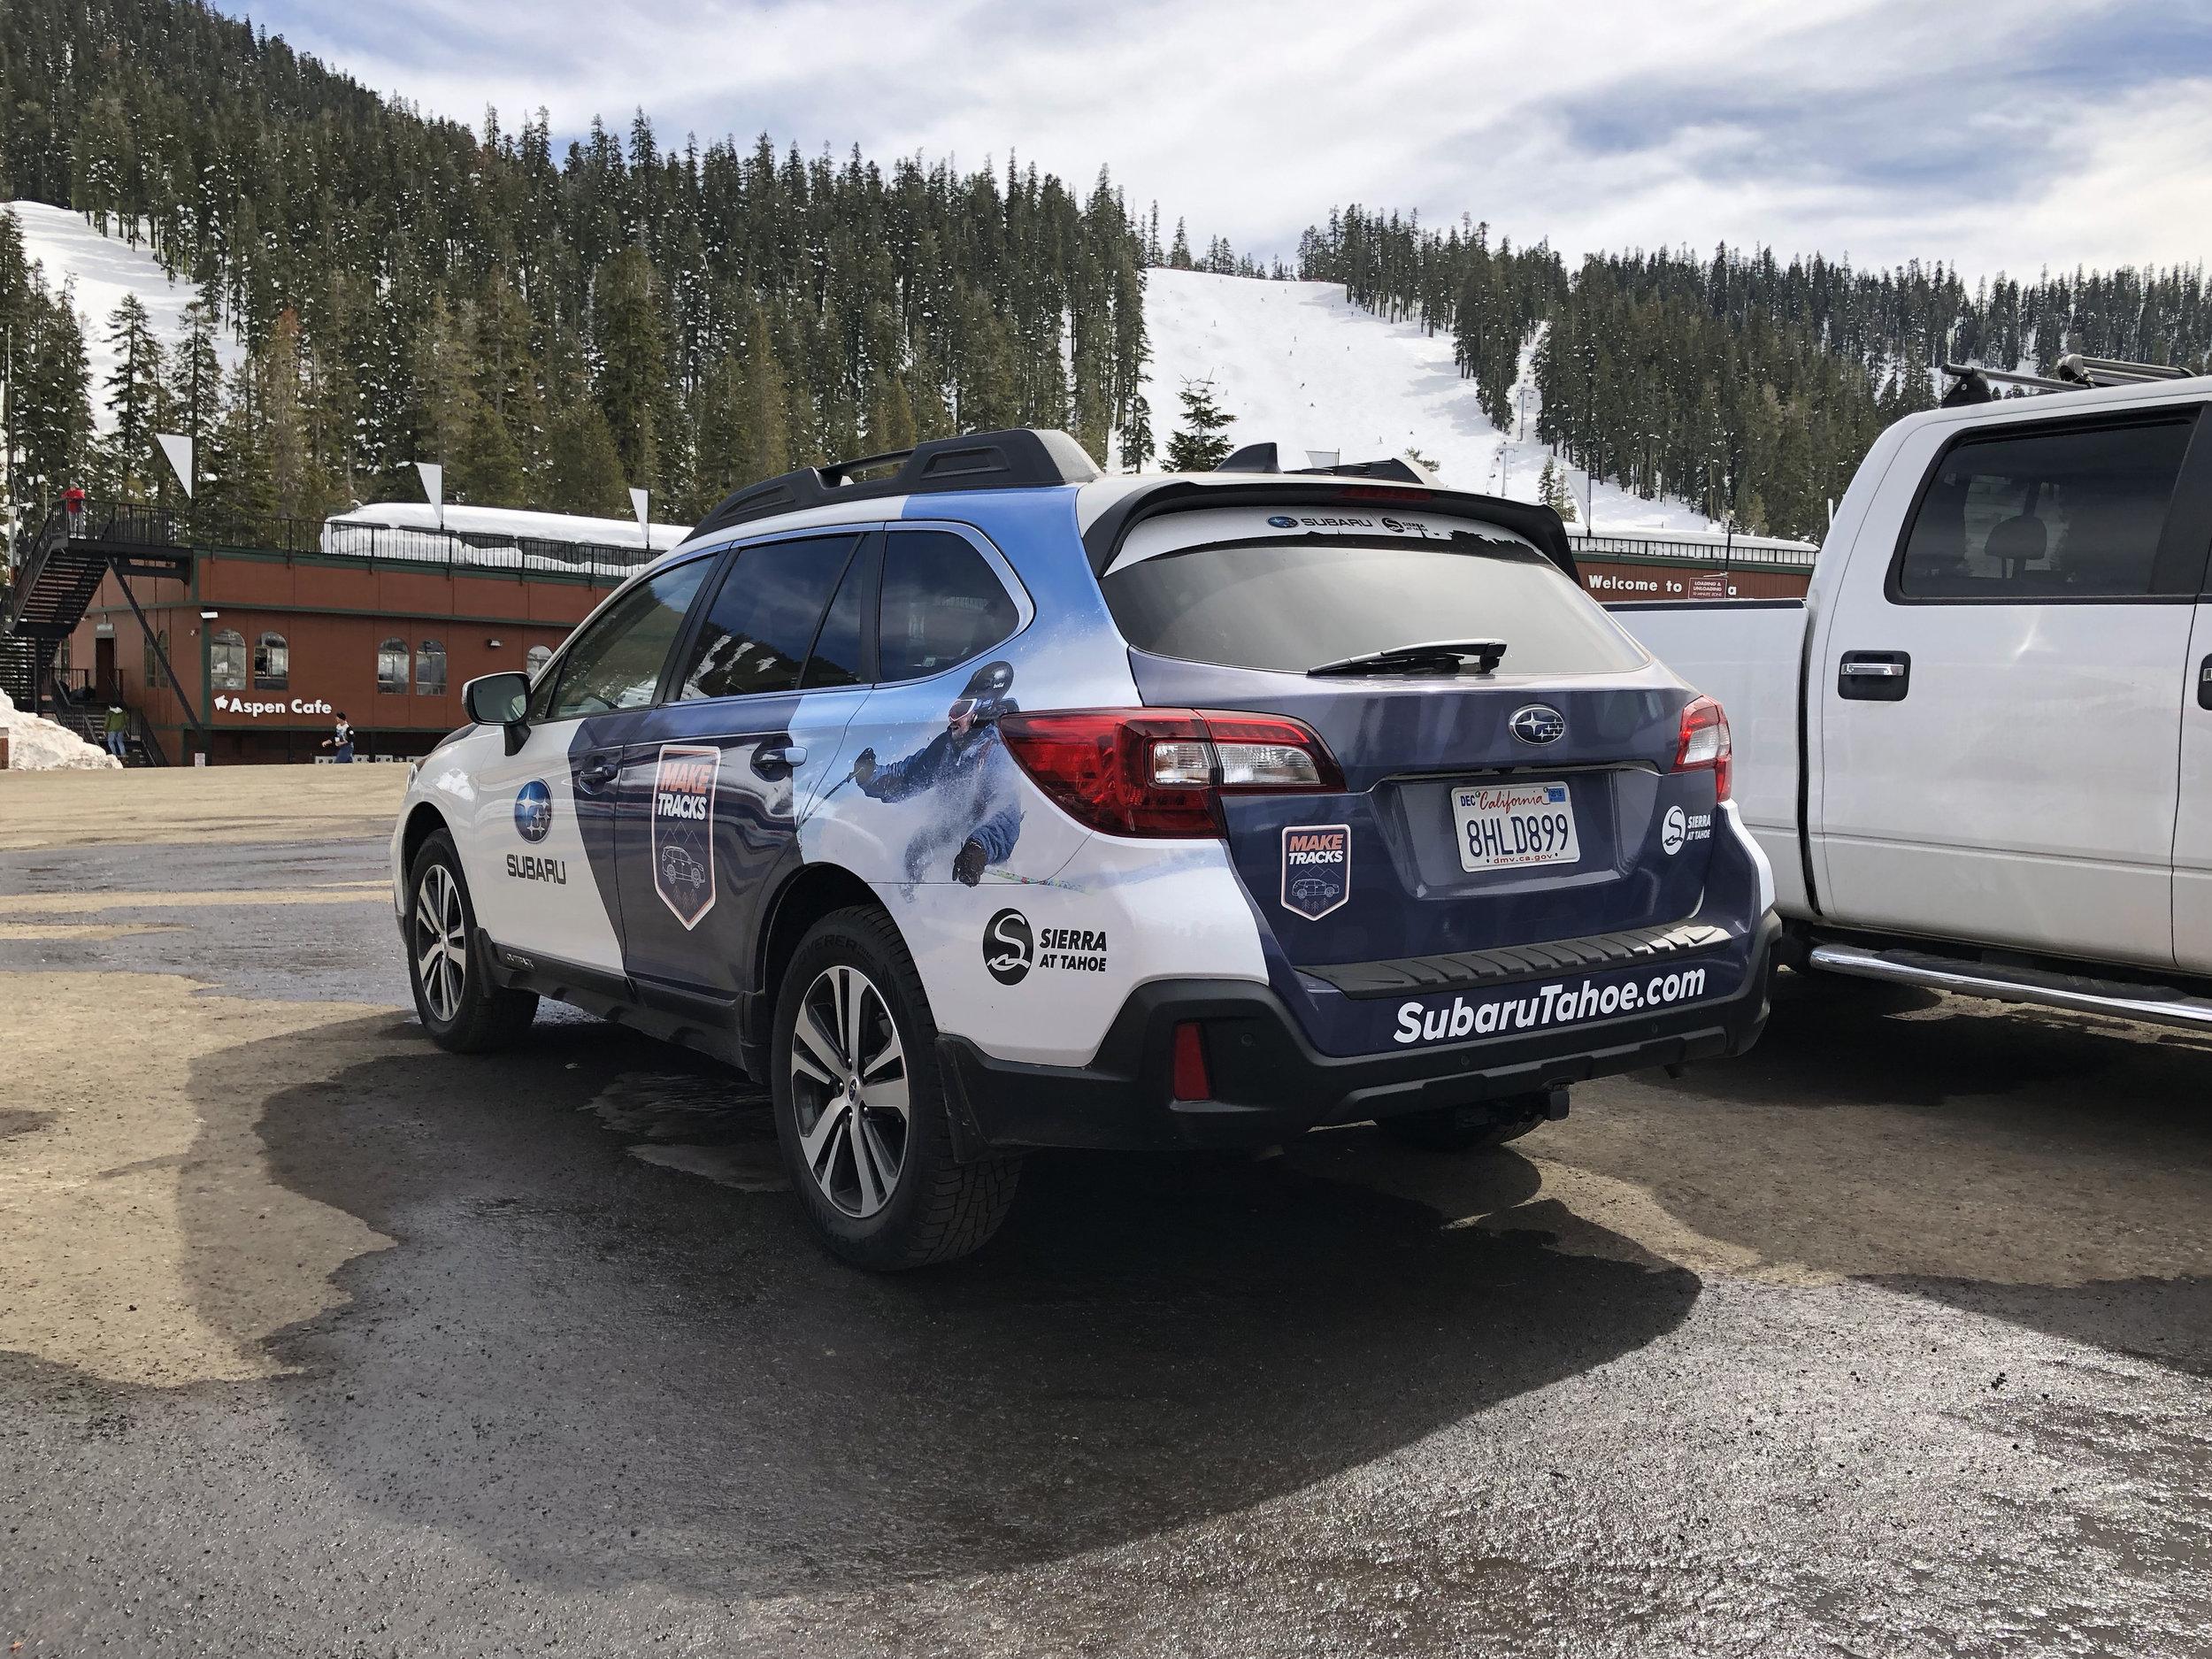 Sierra at Tahoe Subaru Wrap